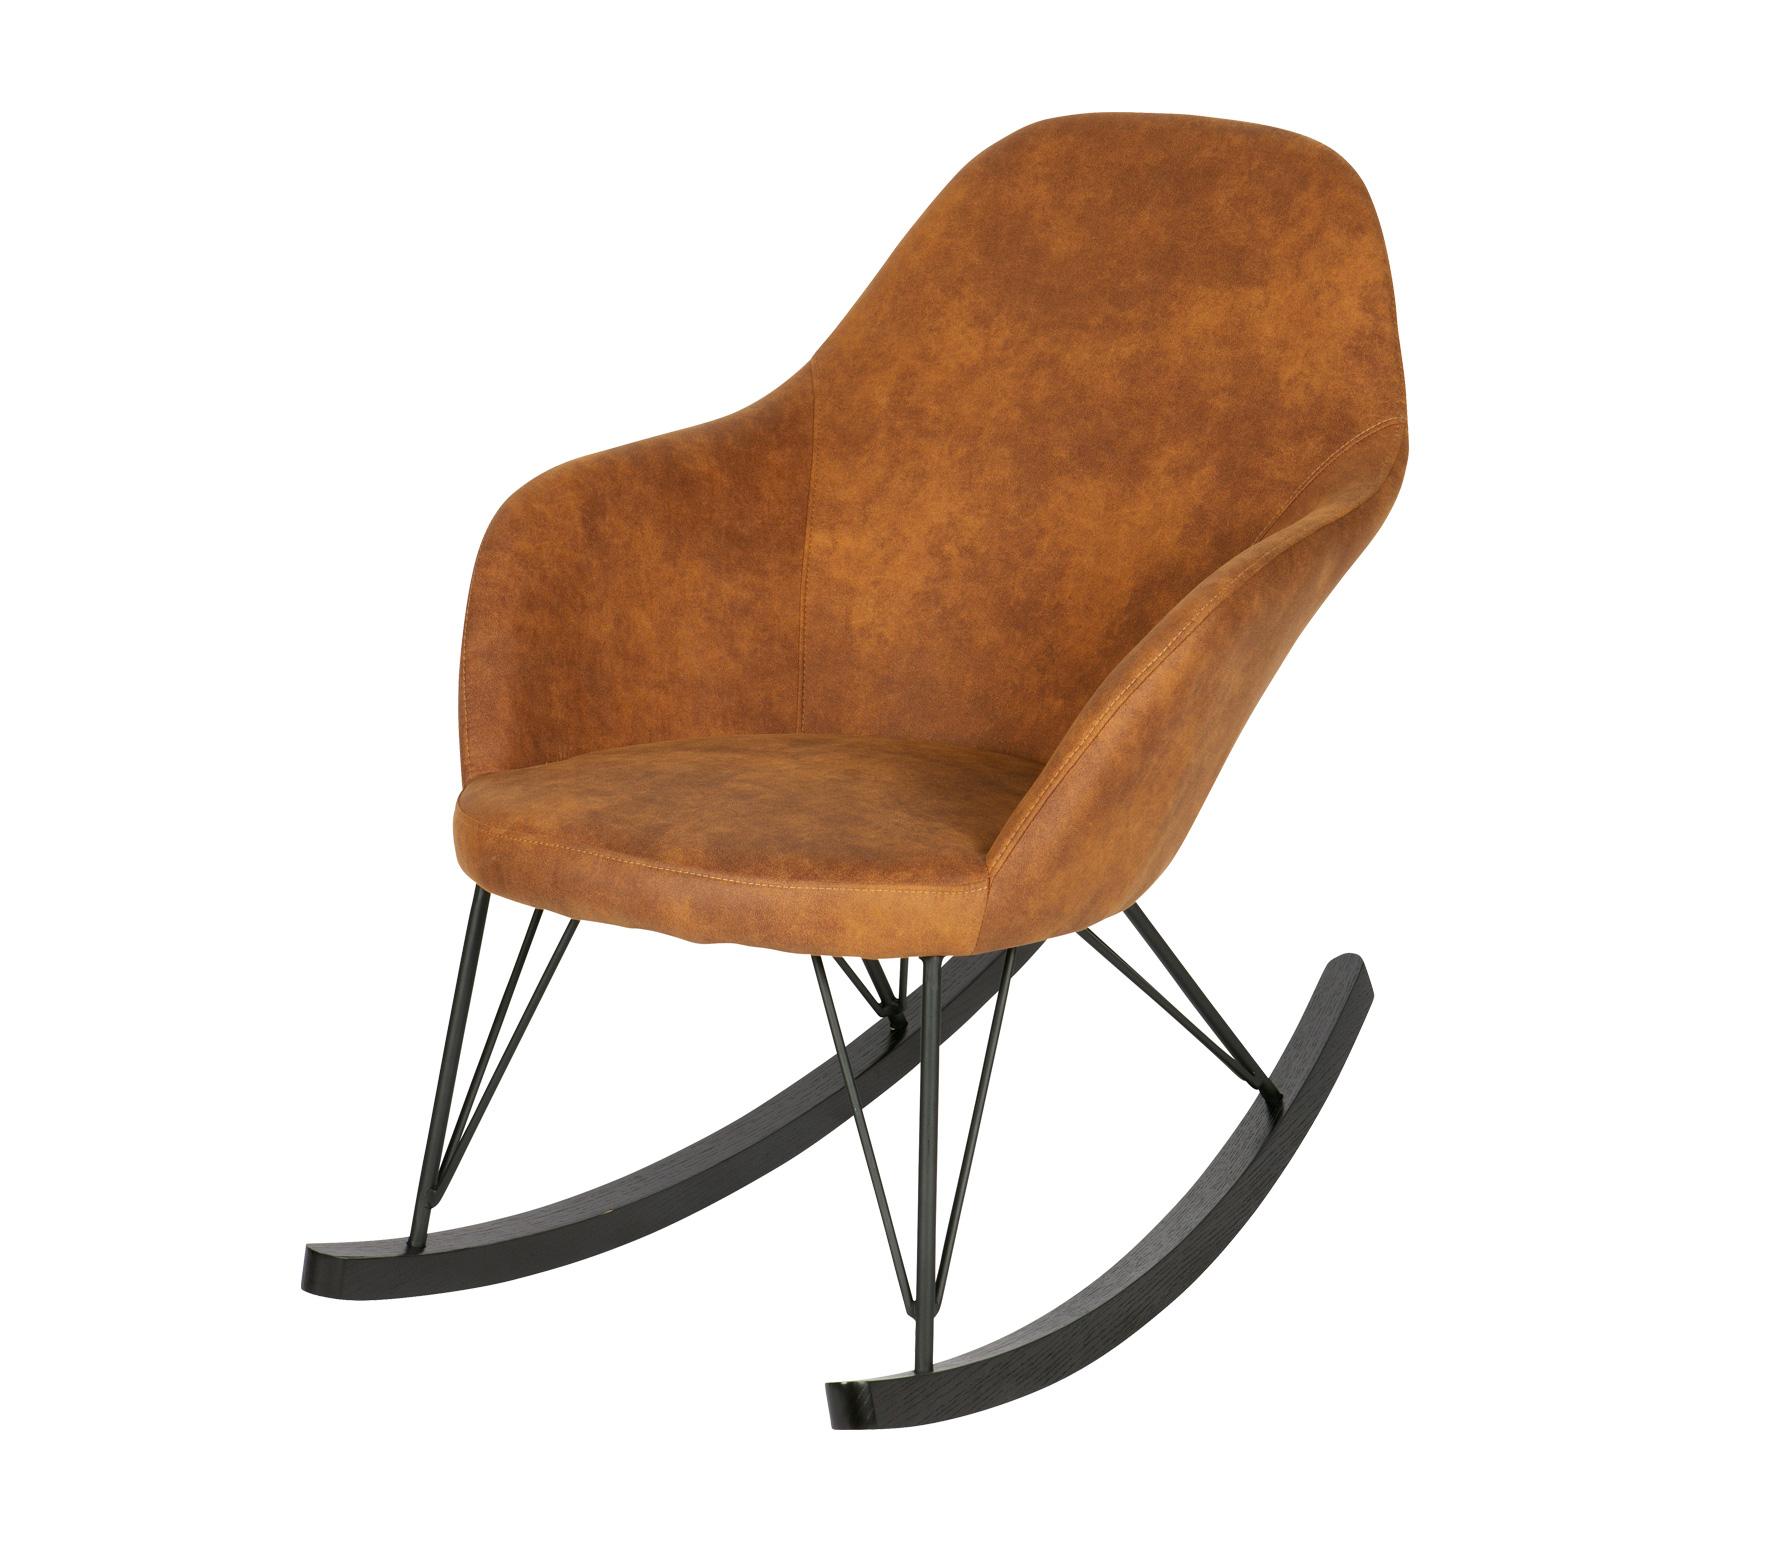 BePureHome Rock schommelstoel bruin Bruin